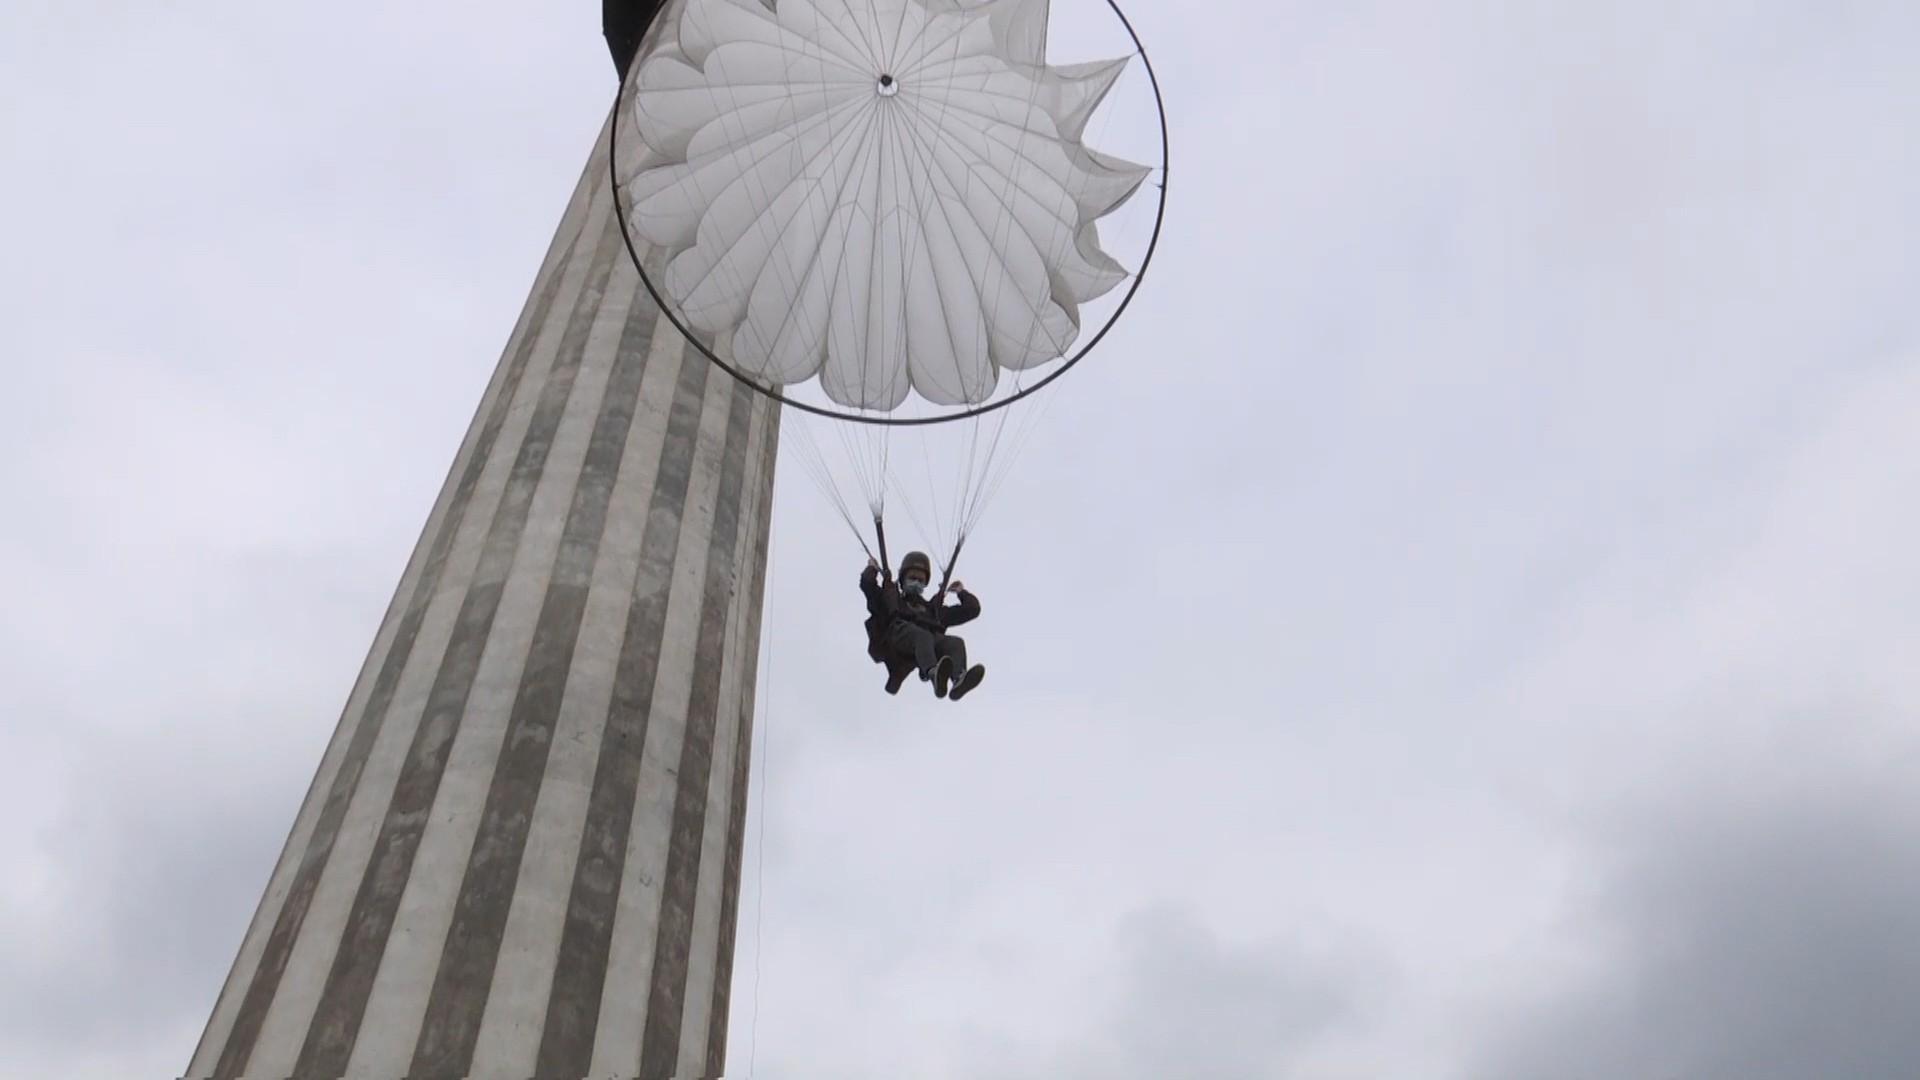 Zeci de tineri au sărit pentru prima dată cu paraşuta, de la 63 de metri înălţime. Echivalentul a două blocuri de zece etaje